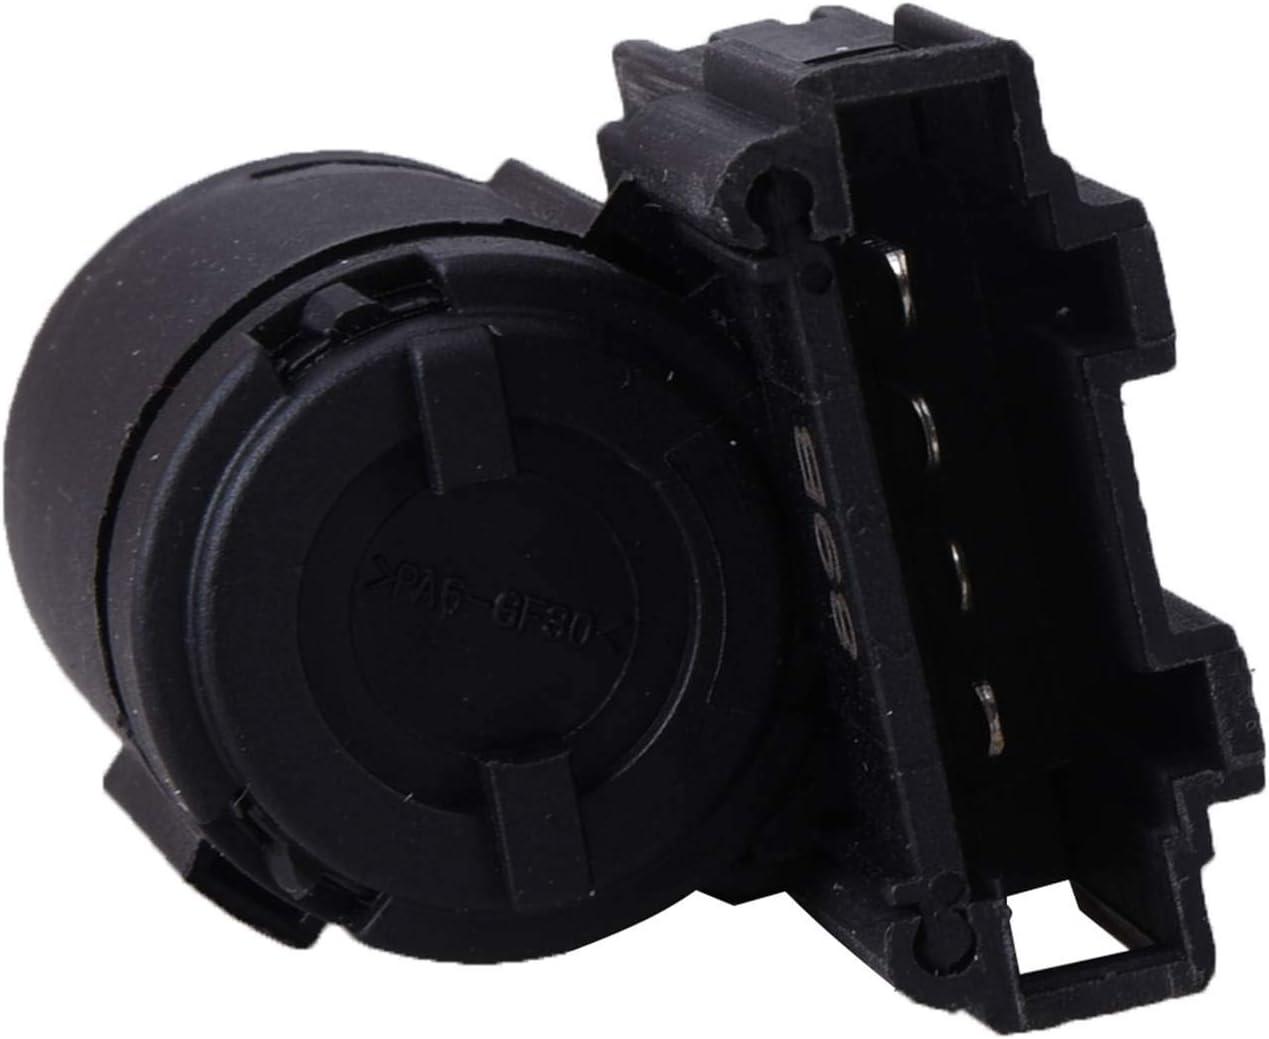 Bapmic 1K2945511NAR Interrupteur de frein 4 broches